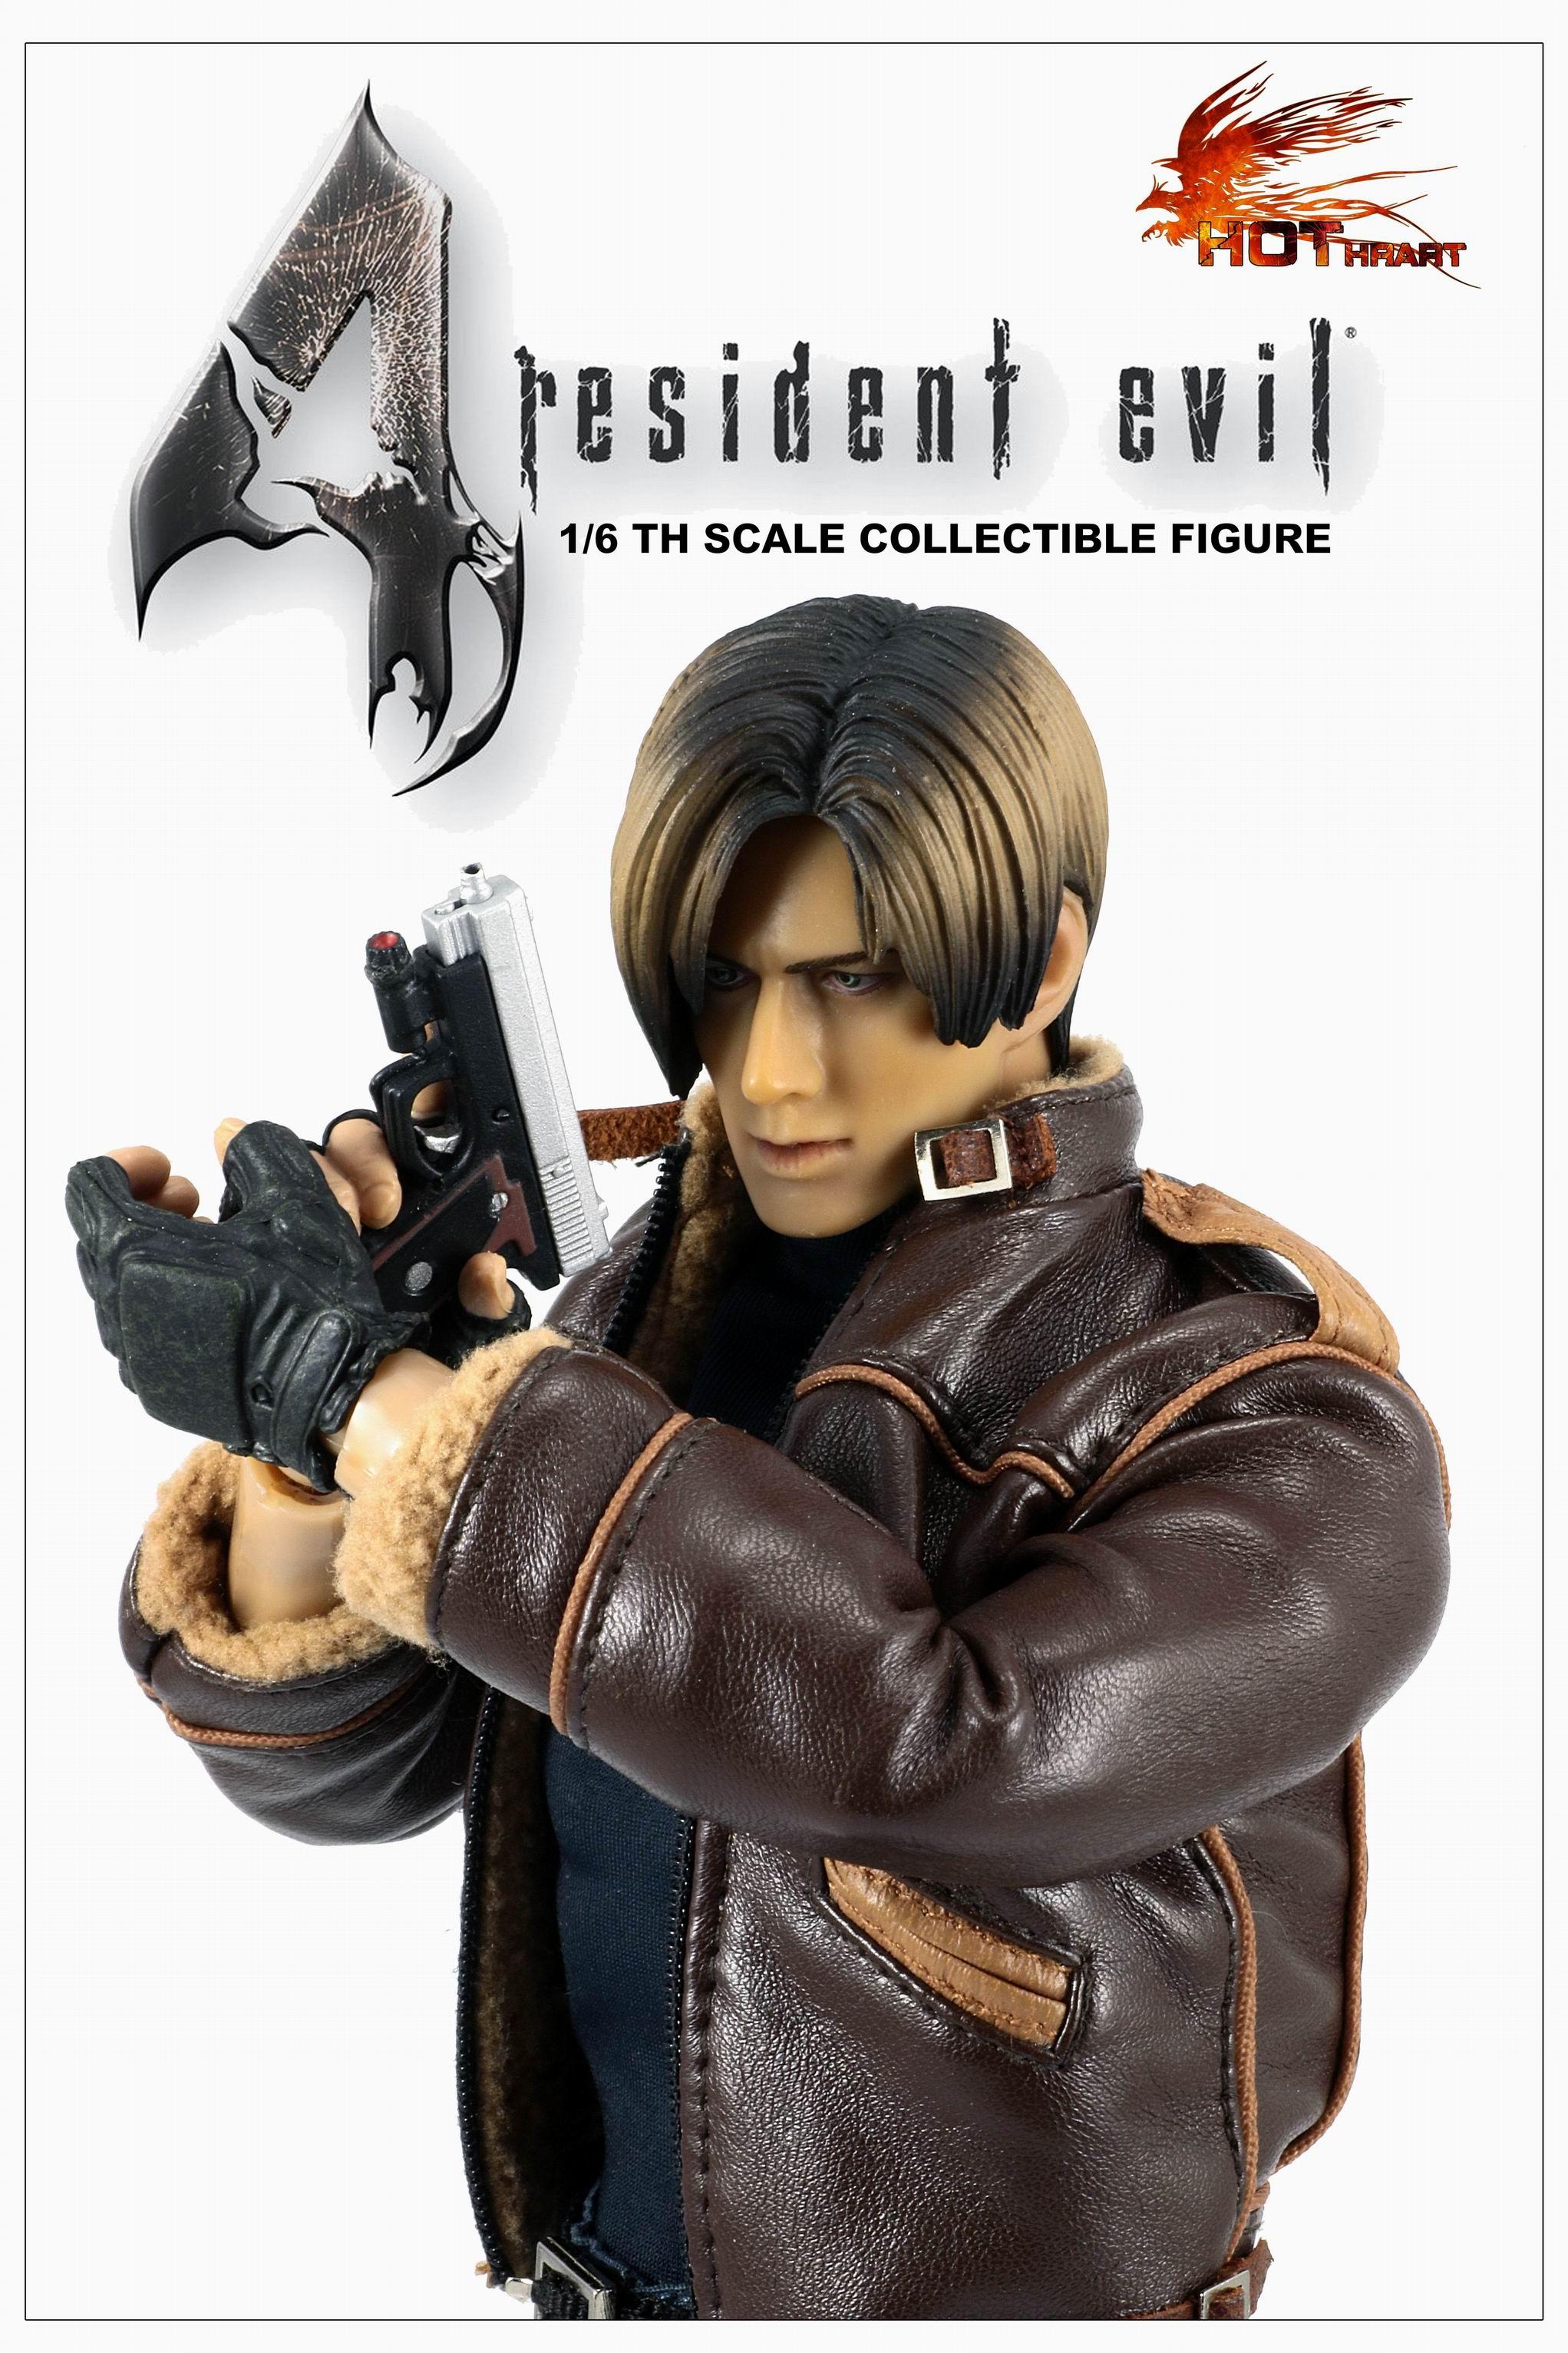 Hot Hrart Bio-Hazard Leon Police / Leather 2 Version